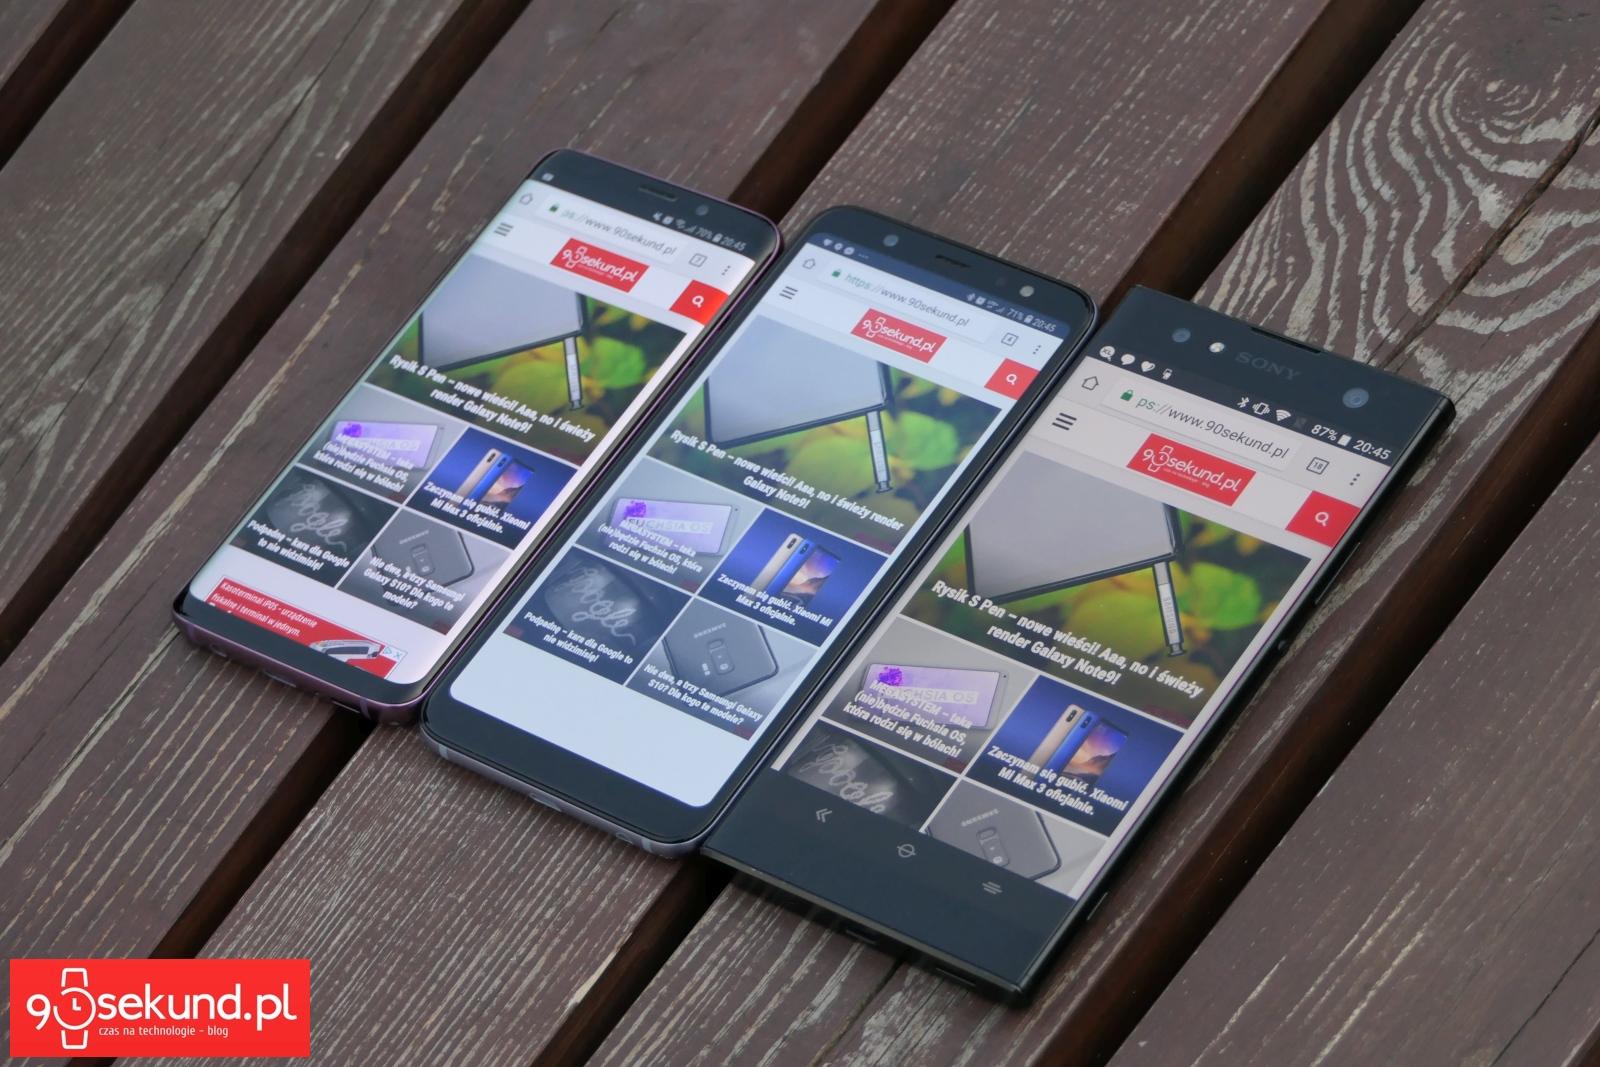 Od lewej: Samsung Galaxy S9, Samsung Galaxy A6+, Sony Xperia Xa2 Ultra - 90sekund.pl - Michał Brożyński